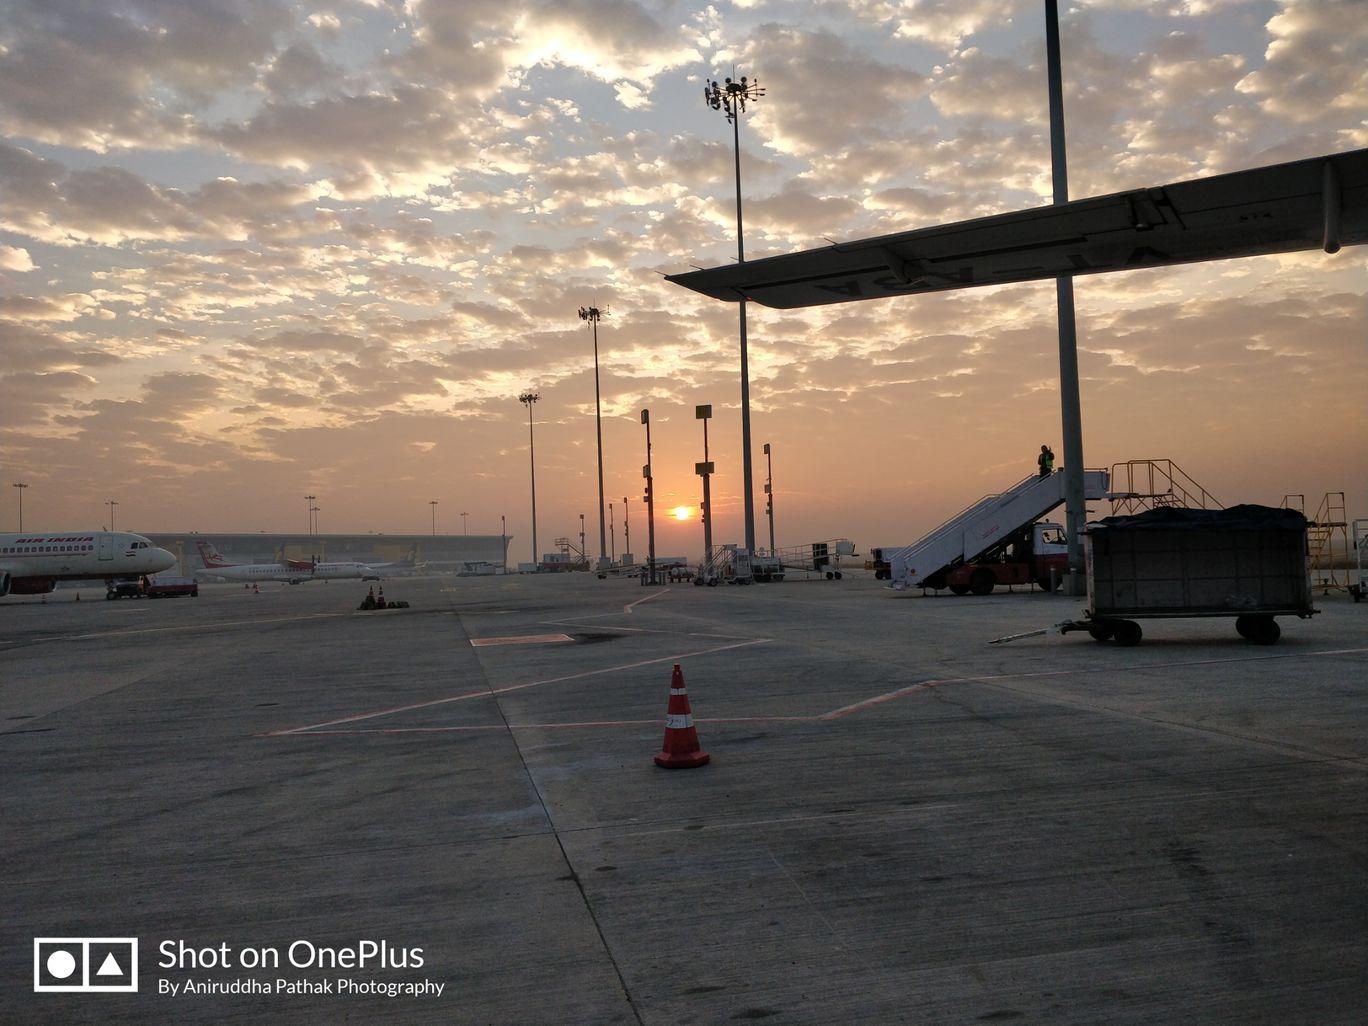 Photo of Chandigarh International Airport By Aniruddha Pathak